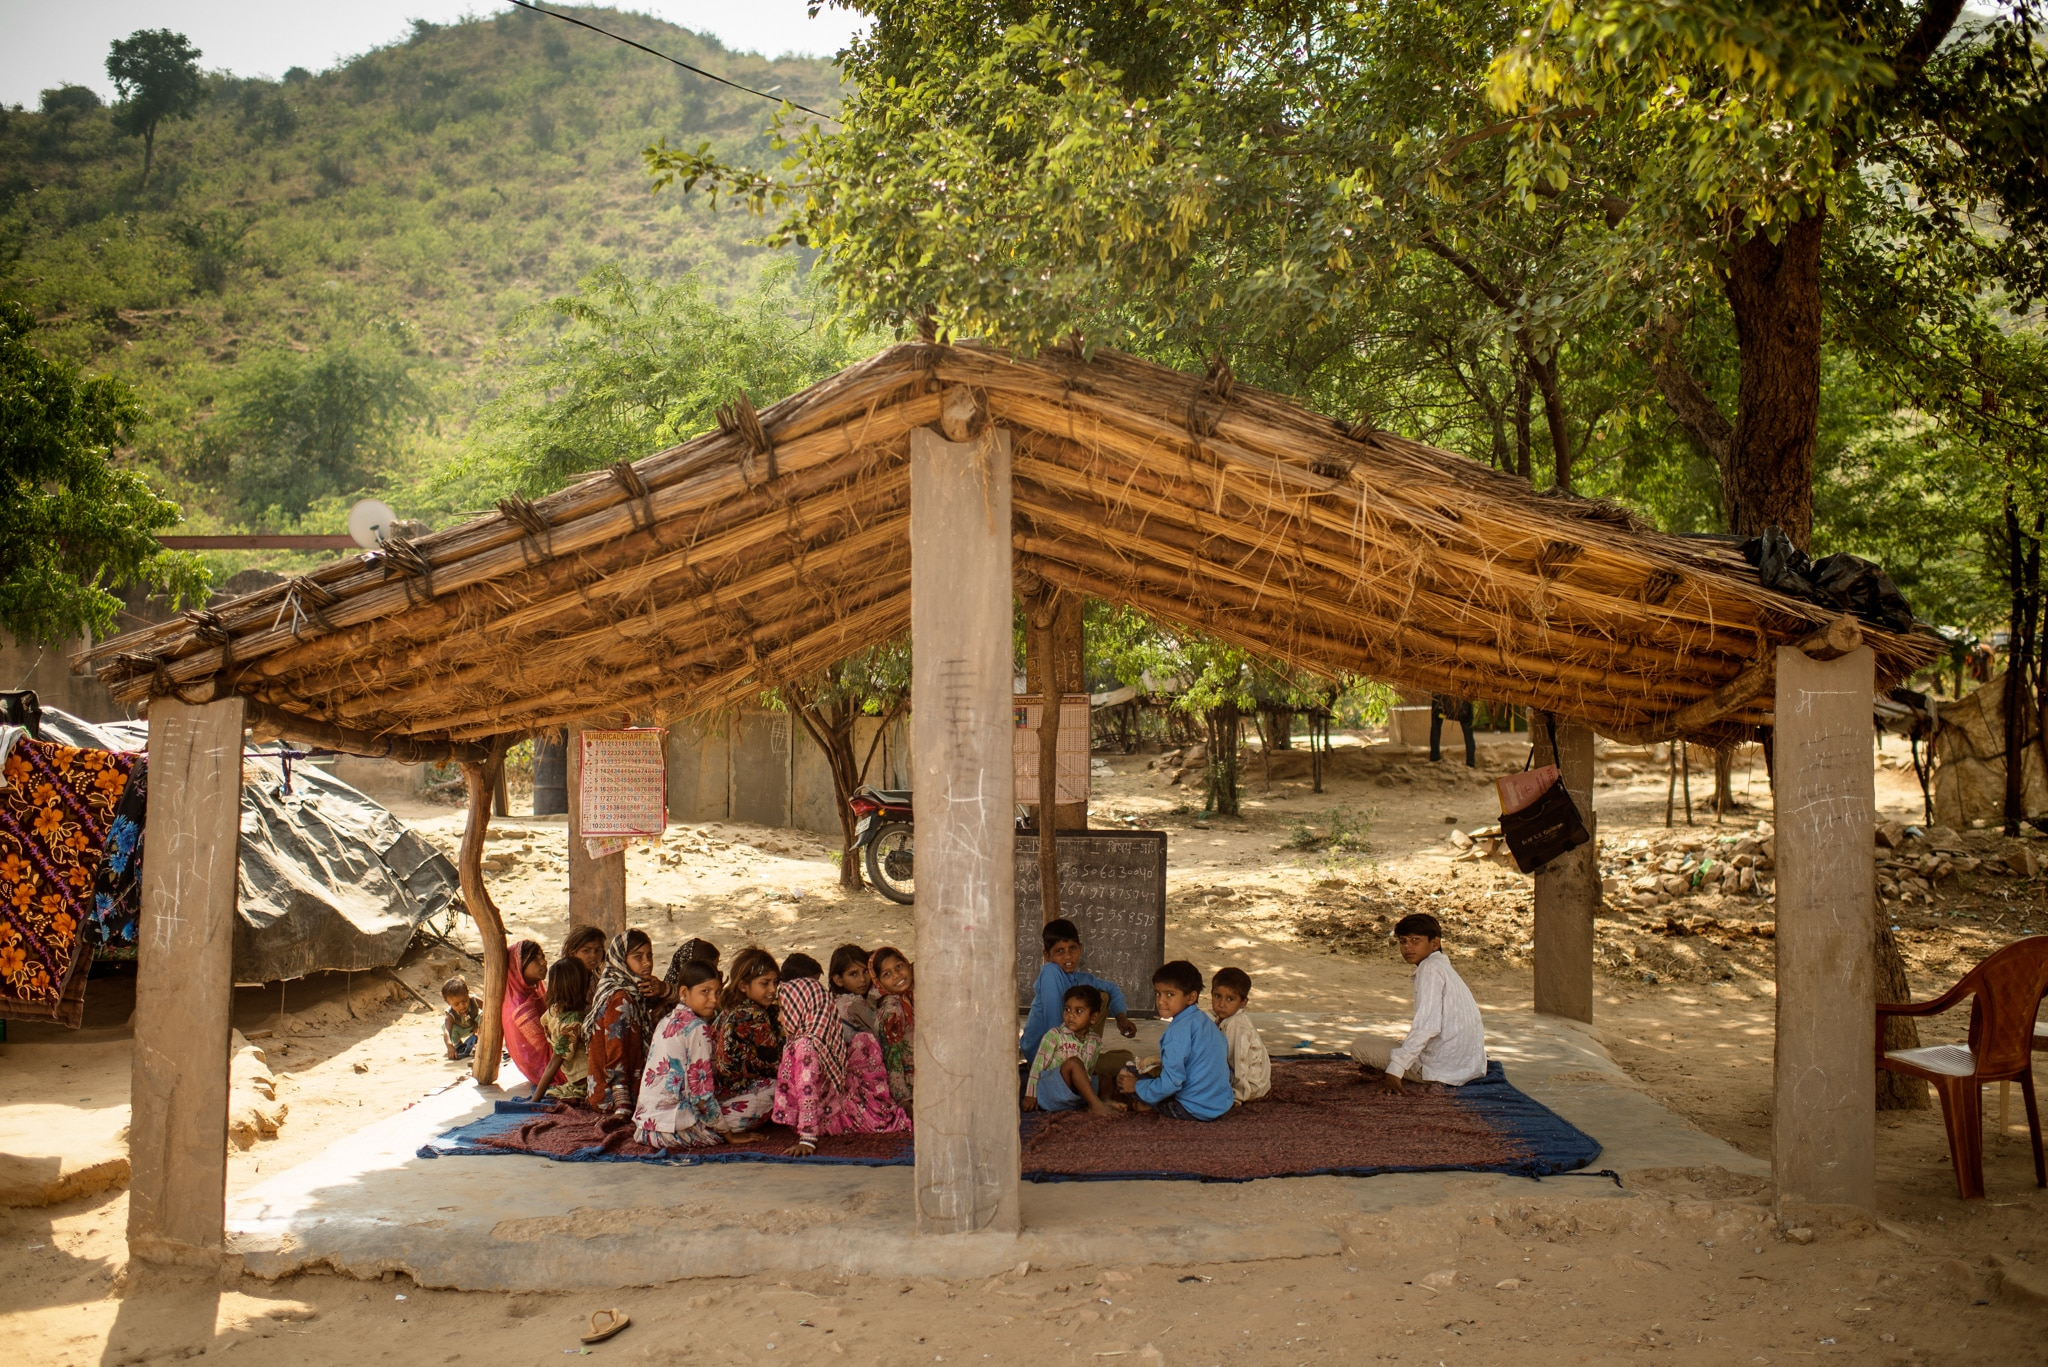 Crianças sentadas em tapete sob estrutura improvisada (© Jonas Gratzer/LightRocket/Getty Images)